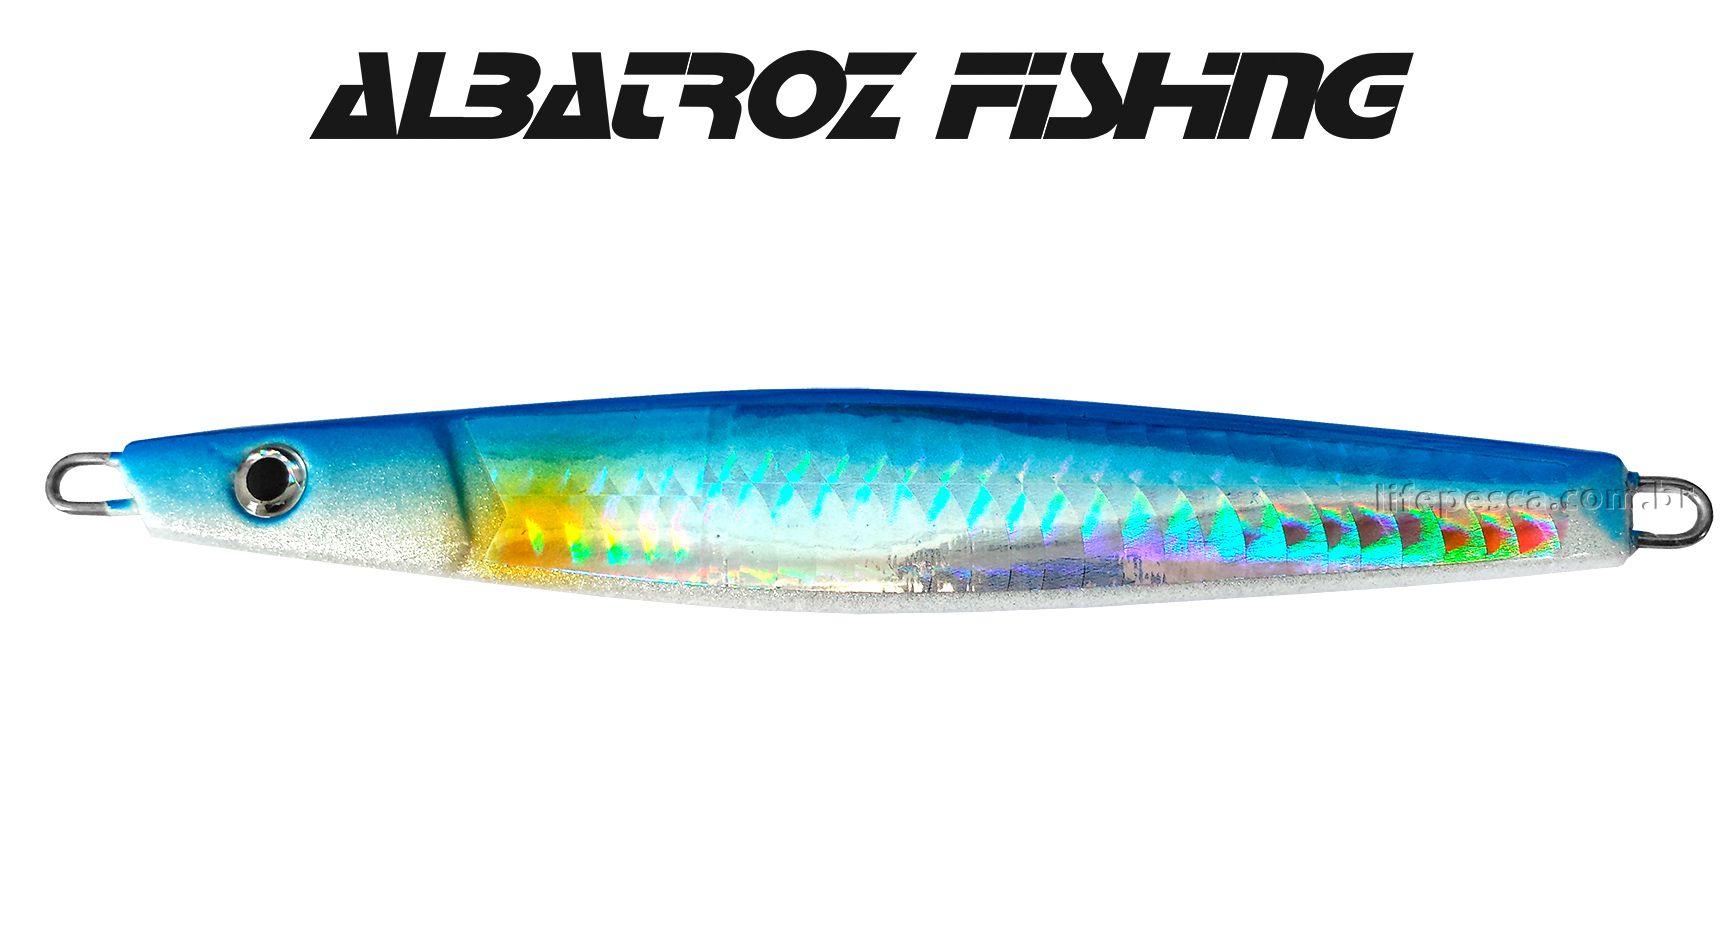 Isca Artificial Albatroz Fishing  Jumping Jig Dragon (40g) - Várias Cores  - Life Pesca - Sua loja de Pesca, Camping e Lazer